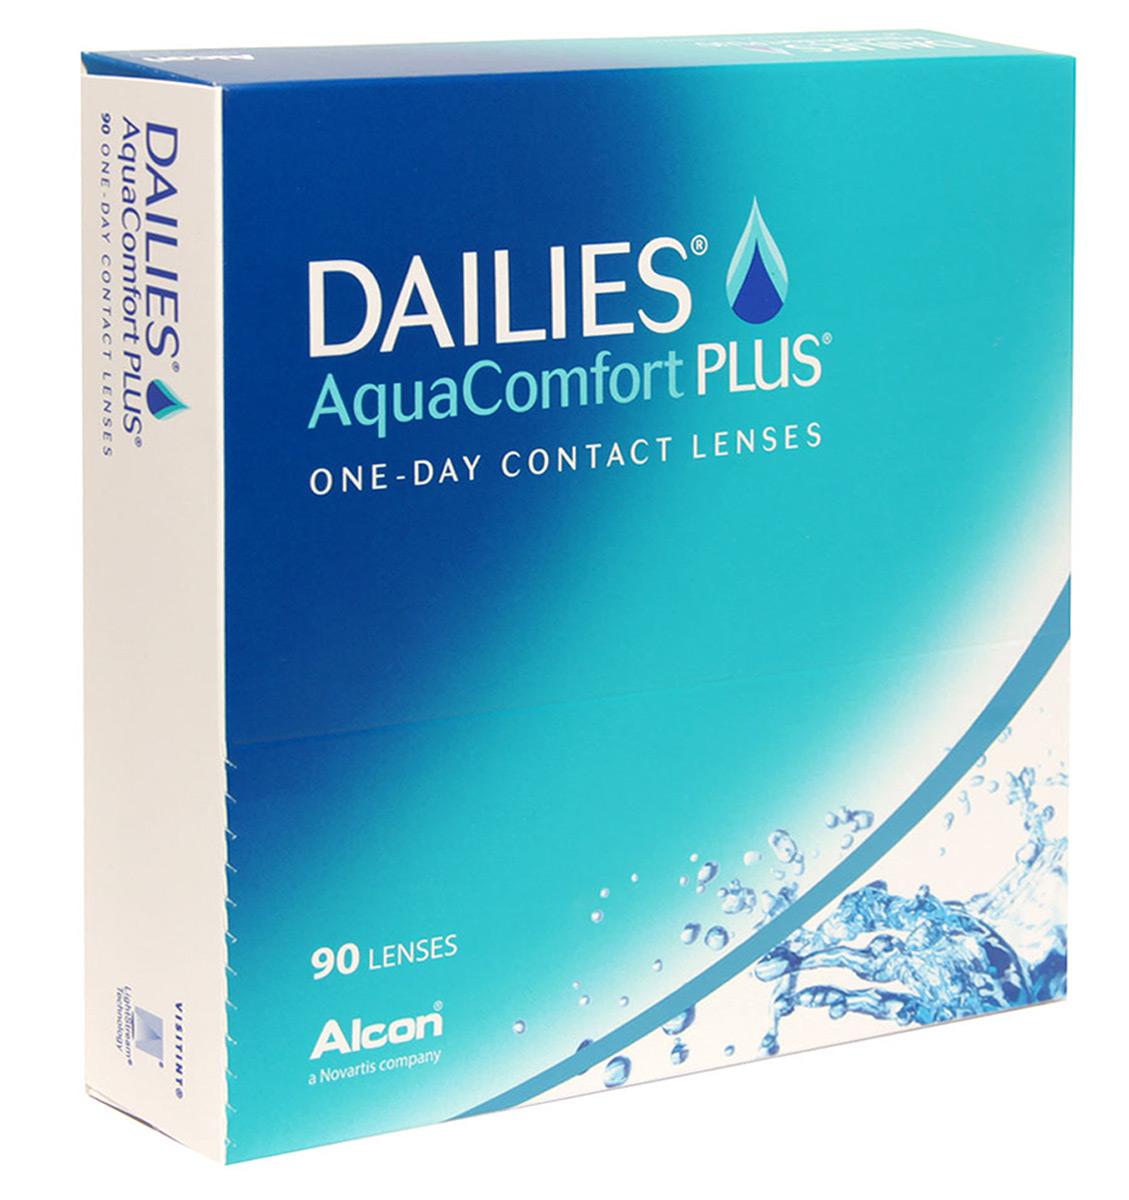 Alcon-CIBA Vision контактные линзы Dailies AquaComfort Plus (90шт / 8.7 / 14.0 / -5.00)12086Dailies AquaComfort Plus - это одни из самых популярных однодневных линз производства компании Ciba Vision. Эти линзы пользуются огромной популярностью во всем мире и являются на сегодняшний день самыми безопасными контактными линзами. Изготавливаются линзы из современного, 100% безопасного материала нелфилкон А. Особенность этого материала в том, что он легко пропускает воздух и хорошо сохраняет влагу. Однодневные контактные линзы Dailies AquaComfort Plus не нуждаются в дополнительном уходе и затратах, каждый день вы надеваете свежую пару линз. Дизайн линзы биосовместимый, что гарантирует безупречный комфорт. Самое главное достоинство Dailies AquaComfort Plus - это их уникальная система увлажнения. Благодаря этой разработке линзы увлажняются тремя различными агентами. Первый компонент, ухаживающий за линзами, находится в растворе, он как бы обволакивает линзу, обеспечивая чрезвычайно комфортное надевание. Второй агент выделяется на протяжении всего дня, он непрерывно смачивает линзы. Третий - увлажняющий агент, выделяется во время моргания, благодаря ему поддерживается постоянный комфорт. Также линзы имеют УФ-фильтр, который будет заботиться о ваших глазах. Dailies AquaComfort Plus - одни из лучших линз в своей категории. Всемирно известная компания Ciba Vision, создавая эти контактные линзы, попыталась учесть все потребности пациентов и ей это удалось! Характеристики:Материал: нелфилкон А. Кривизна: 8.7. Оптическая сила: - 5.00. Содержание воды: 69%. Диаметр: 13,8 мм. Количество линз: 90 шт. Размер упаковки: 15 см х 15,5 см х 3 см. Производитель: США. Товар сертифицирован.Контактные линзы или очки: советы офтальмологов. Статья OZON Гид